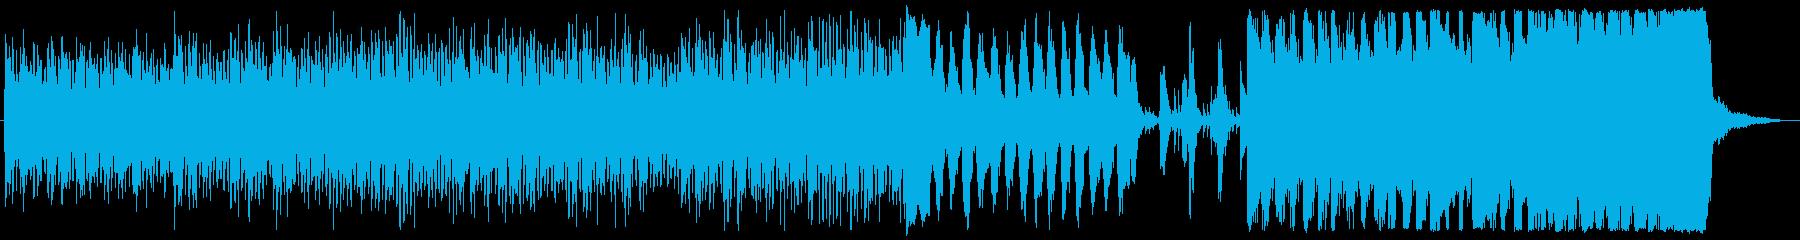 緊張感のあるストリングスの再生済みの波形